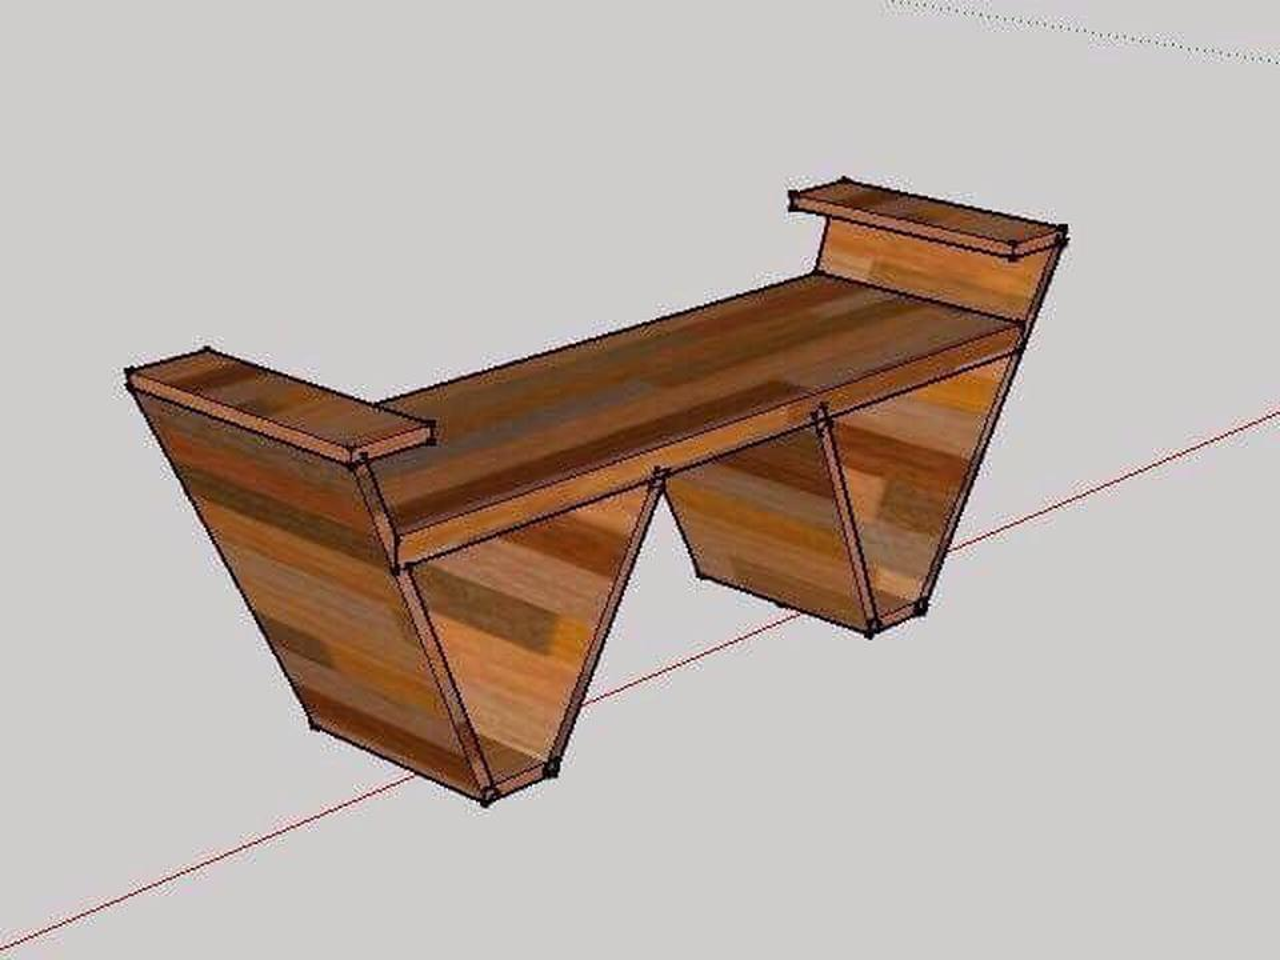 เก้าอี้ไม้สักแท้ รูปที่ 2